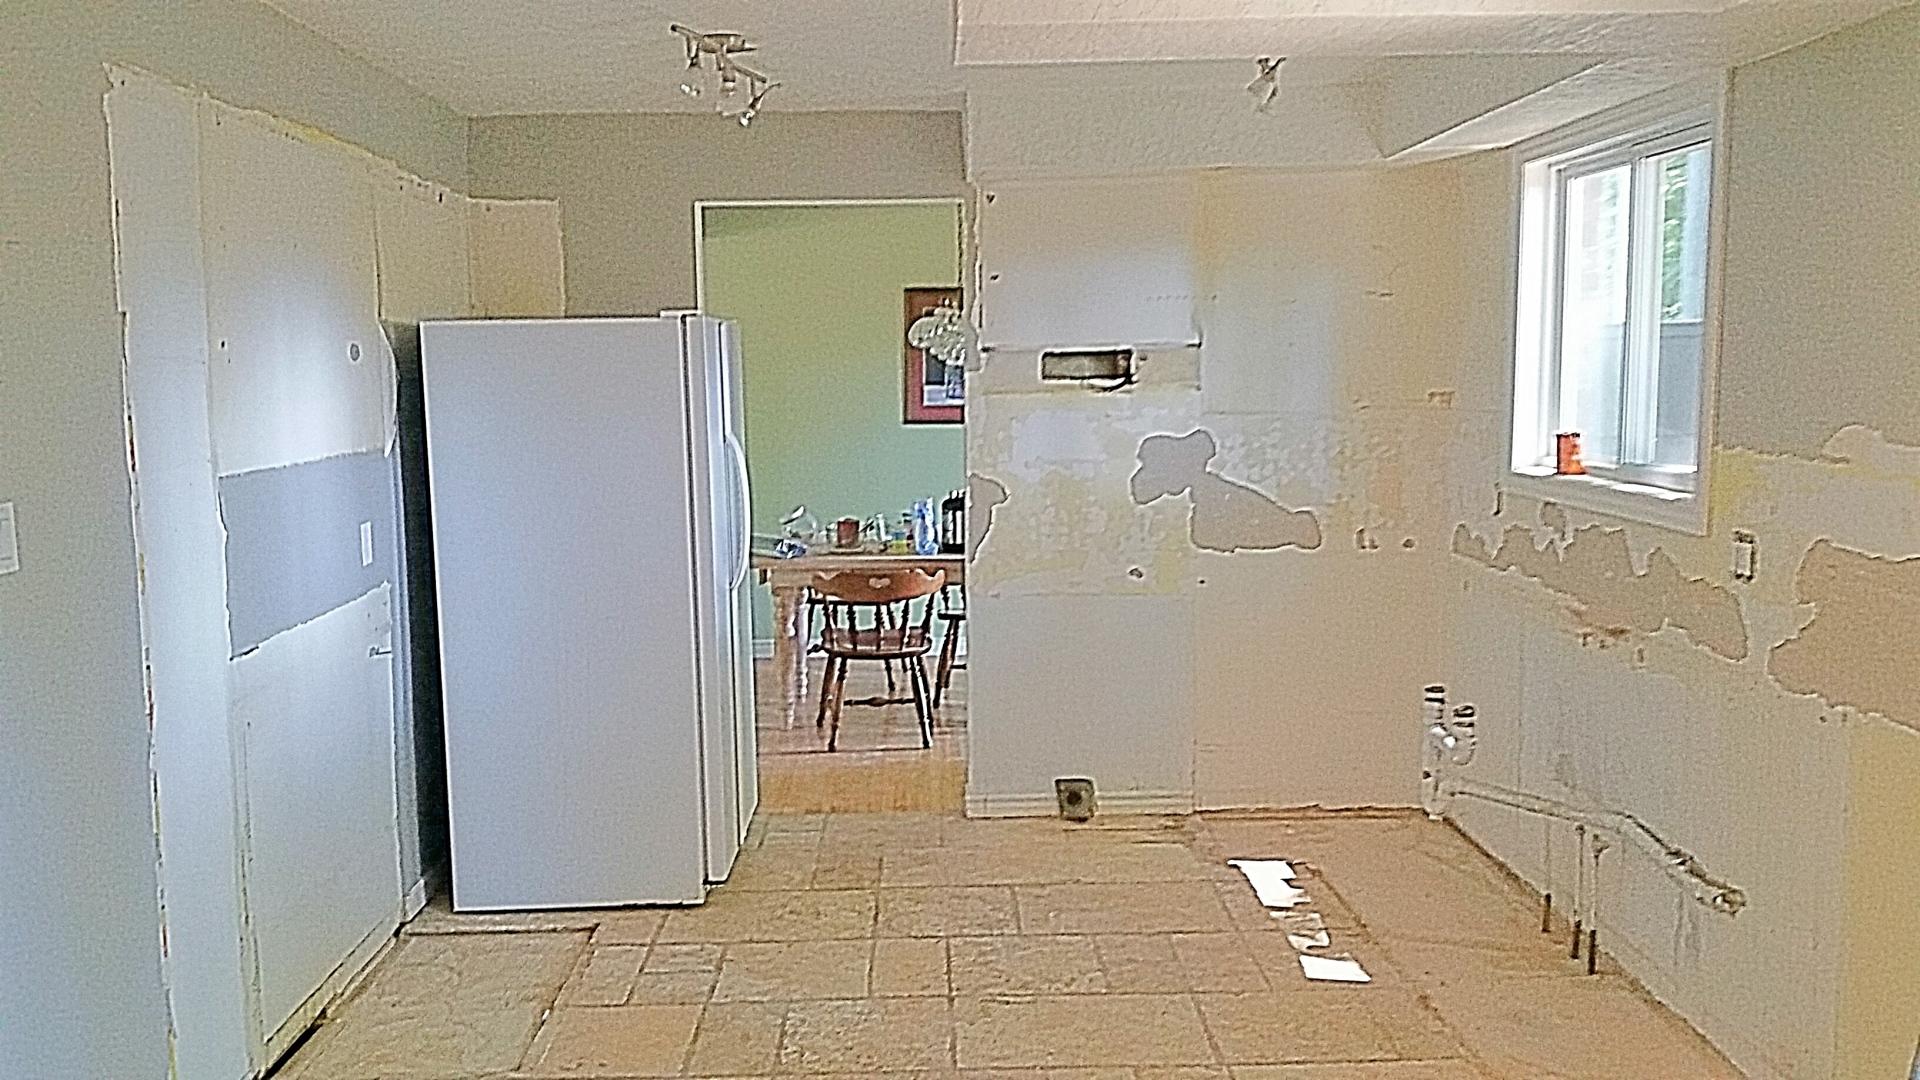 Belmont Craftsmen kitchener waterloo, home improvement